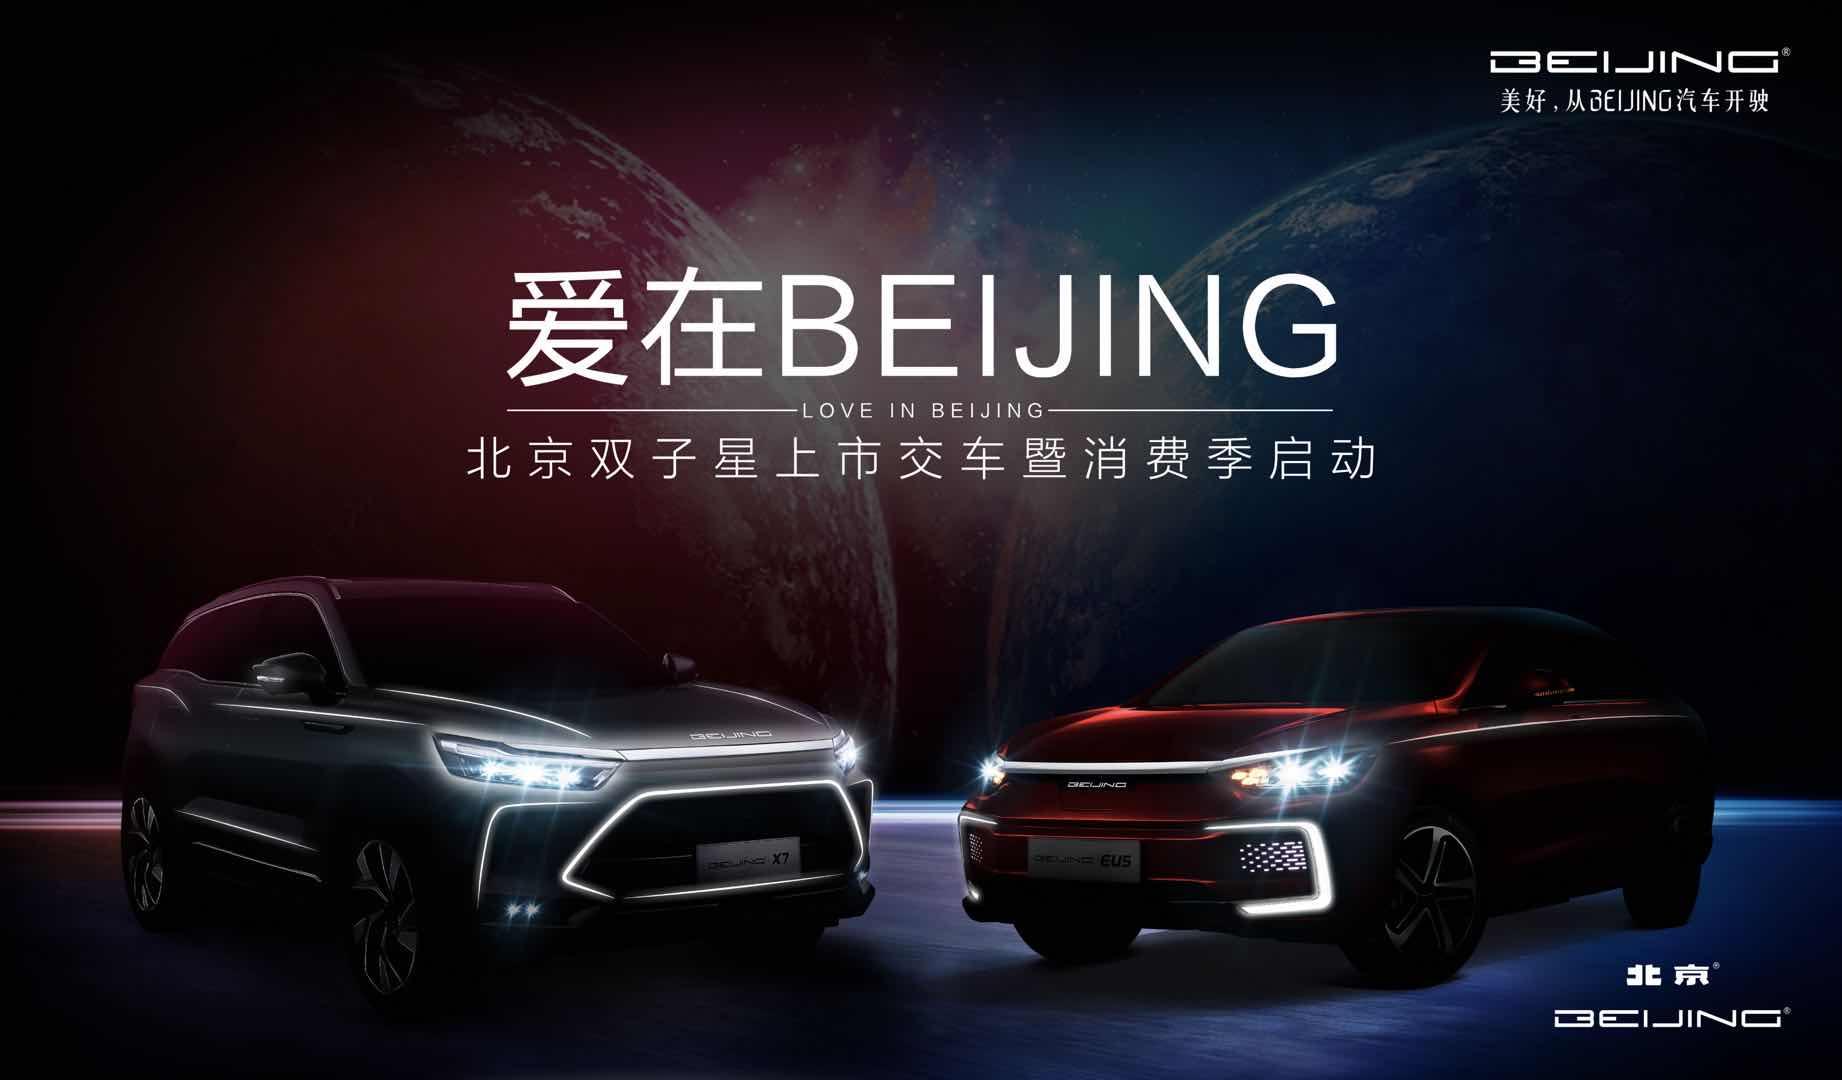 10亿新能源消费券 BEIJING汽车消费季正式启动